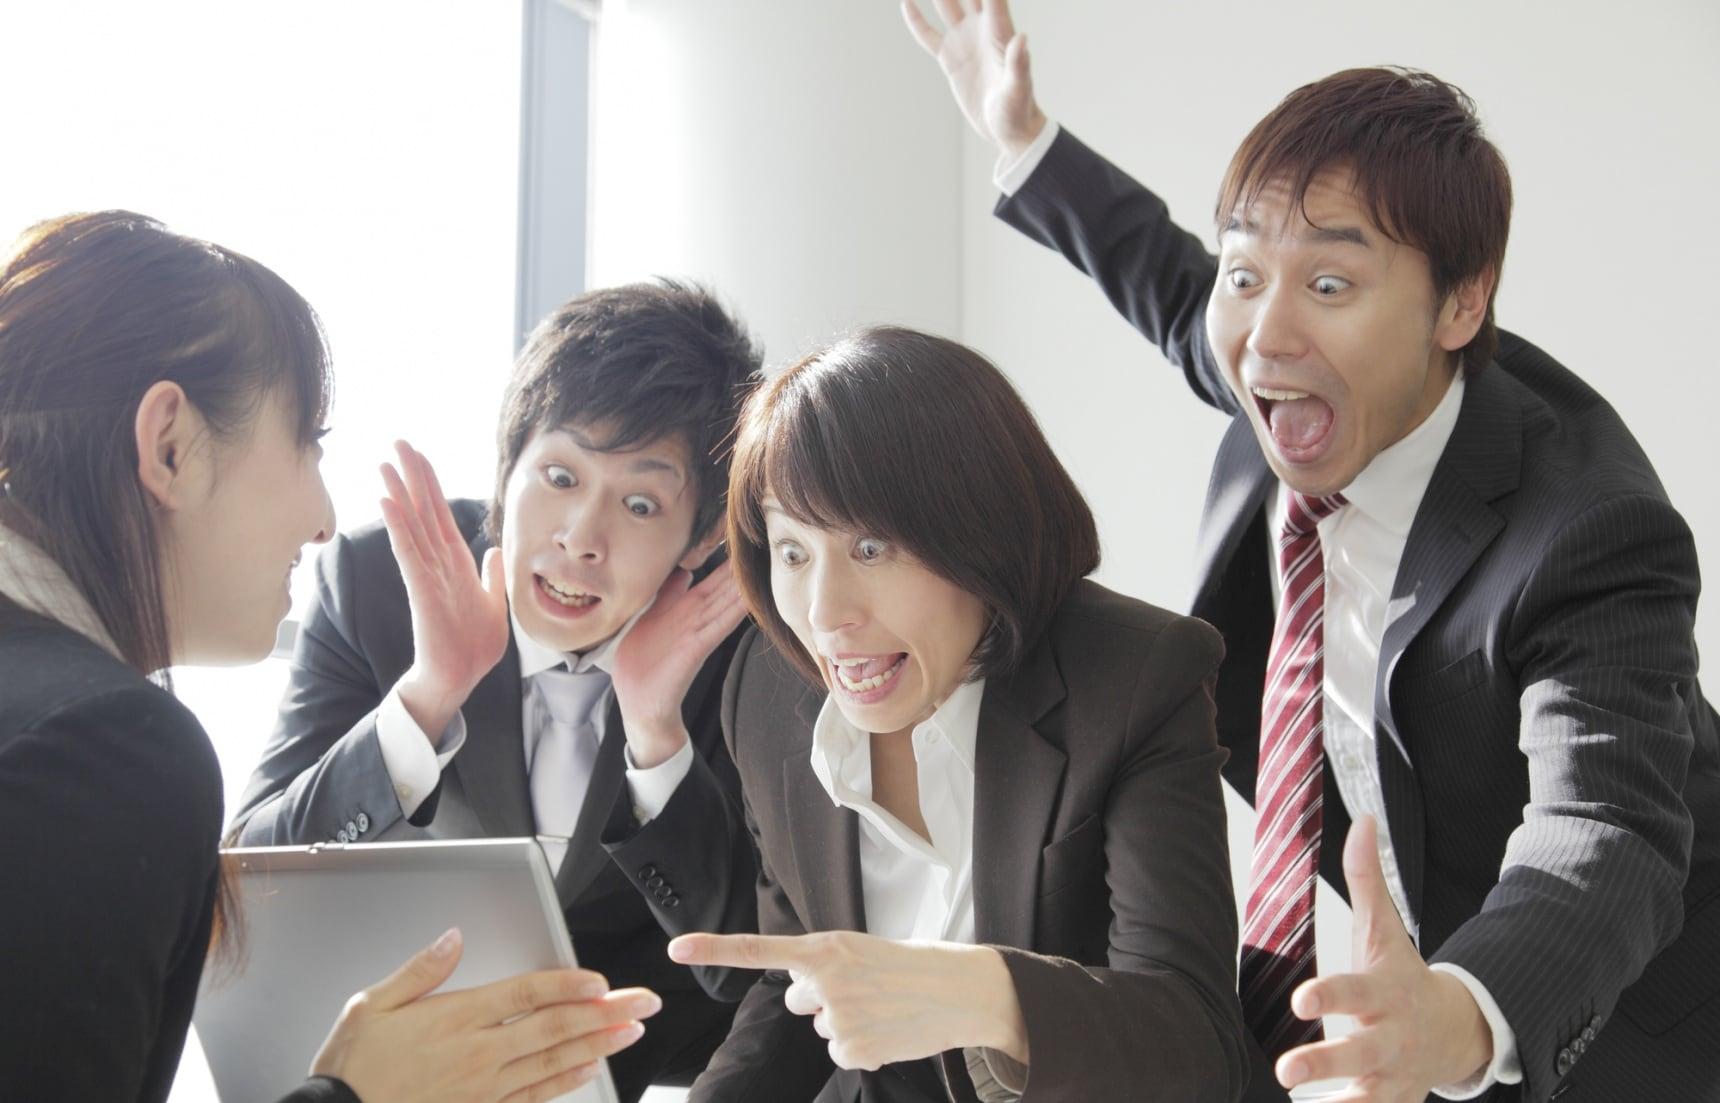 ปสก.อิอ้น: บริษัทญี่ปุ่นต่างกับไทยยังไงอะคะ